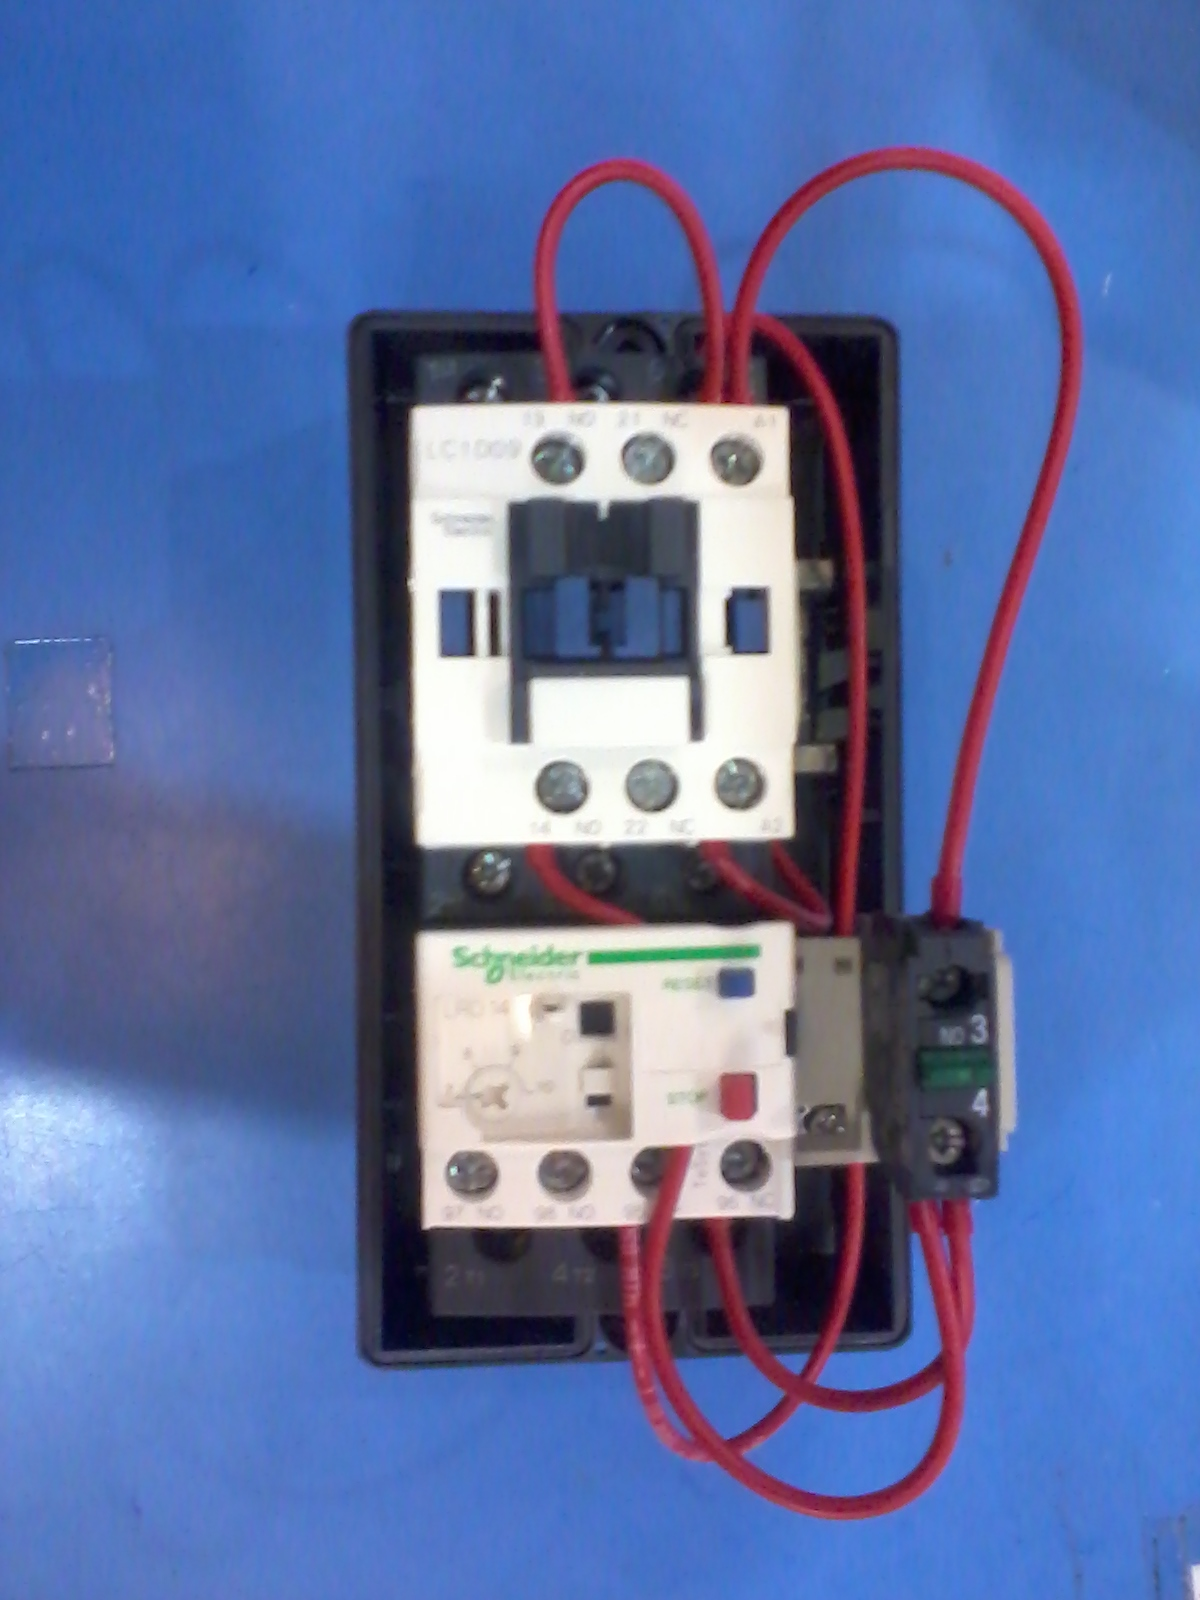 Dol Control Wiring Diagram